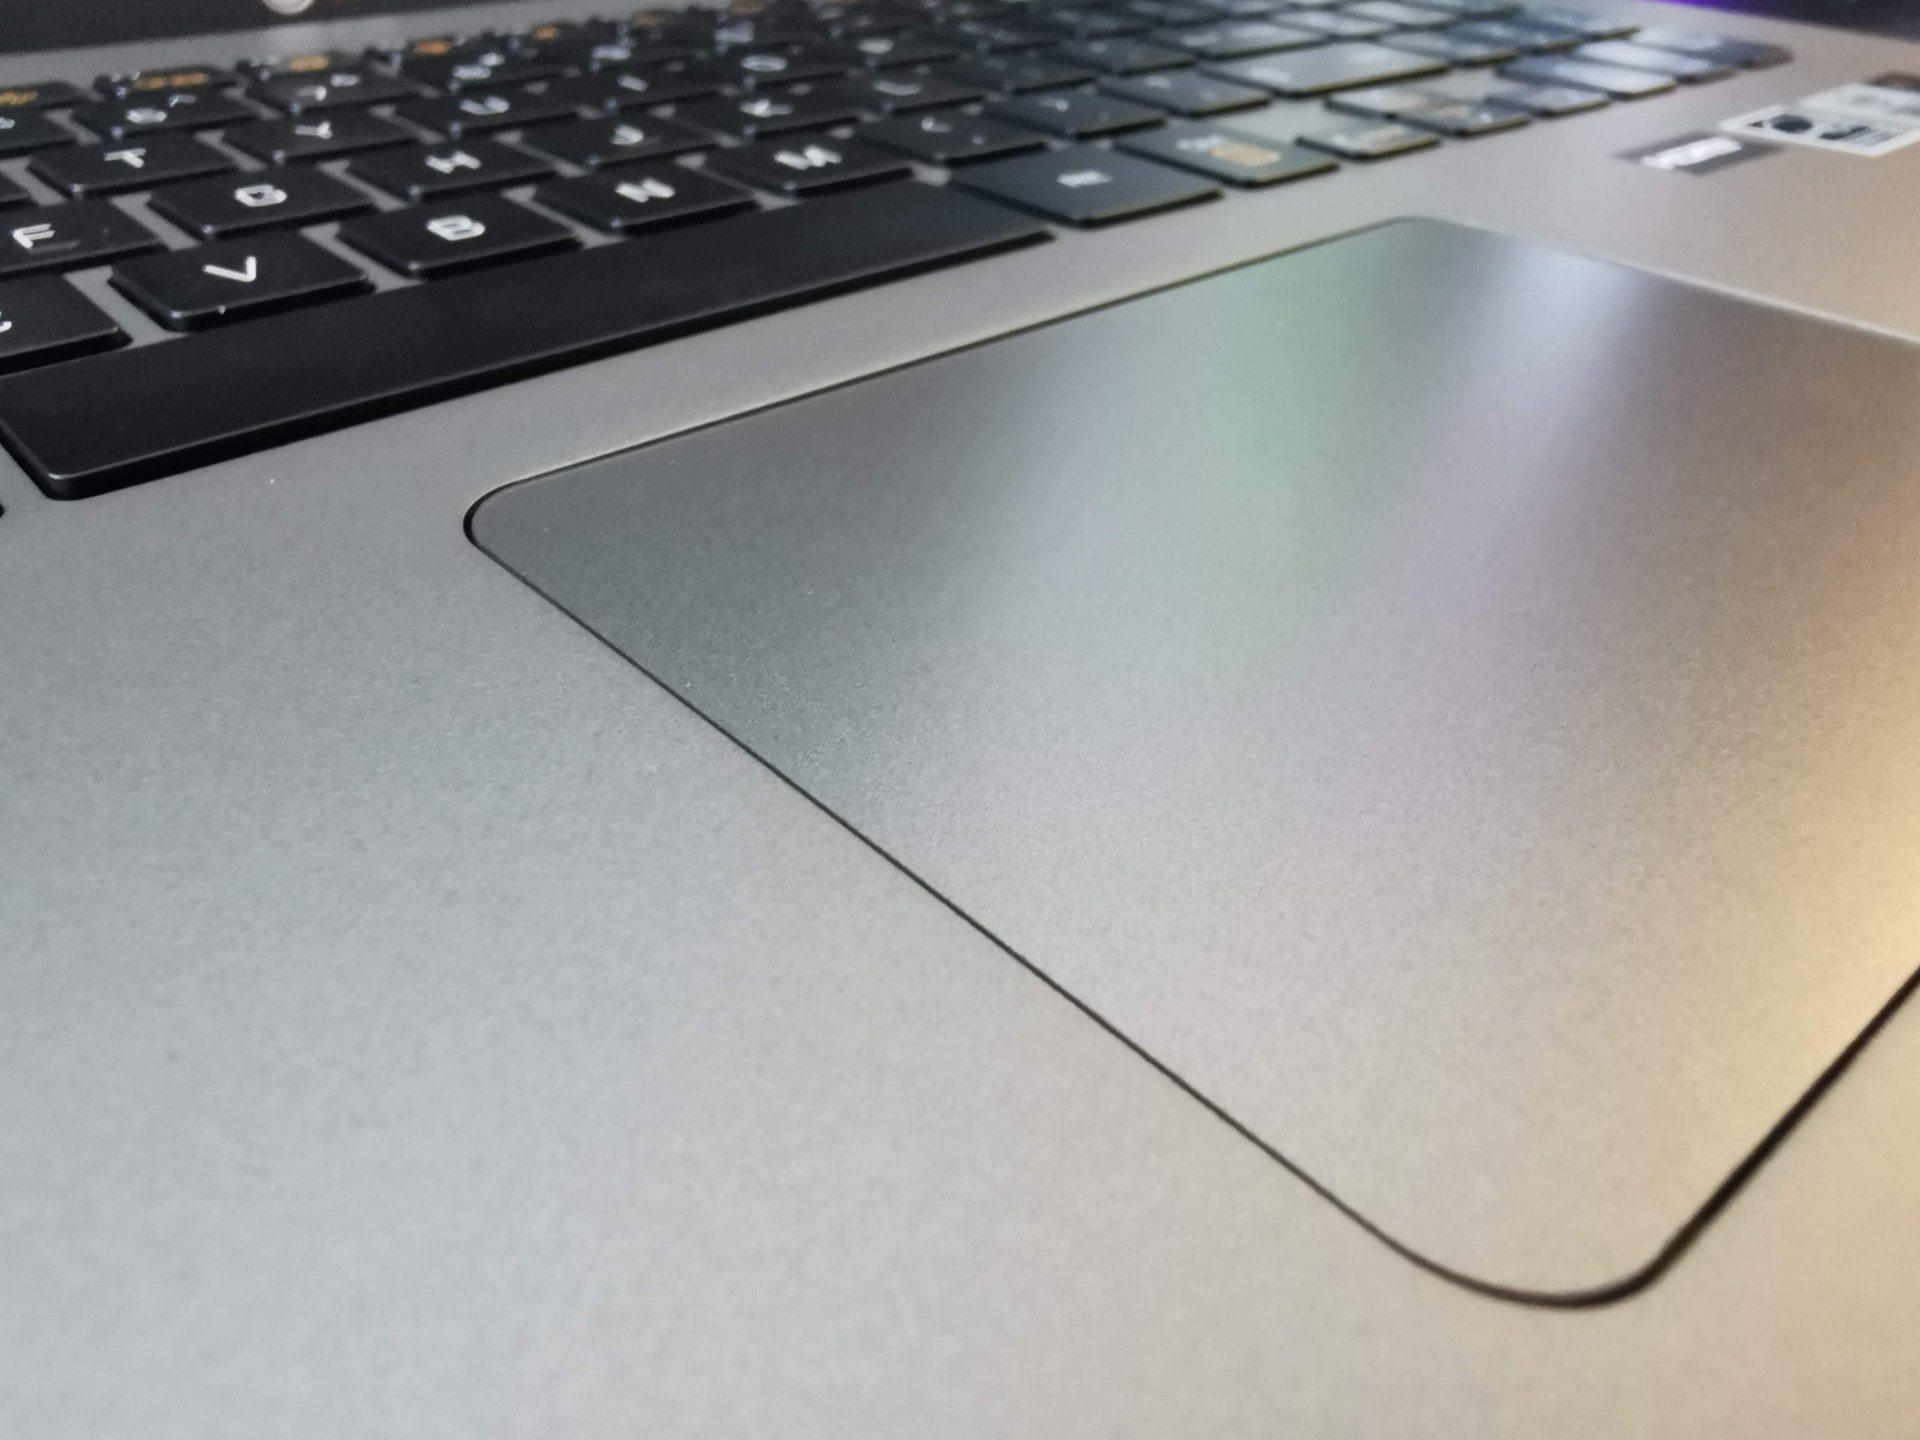 LG Gram 15 Review Design 2